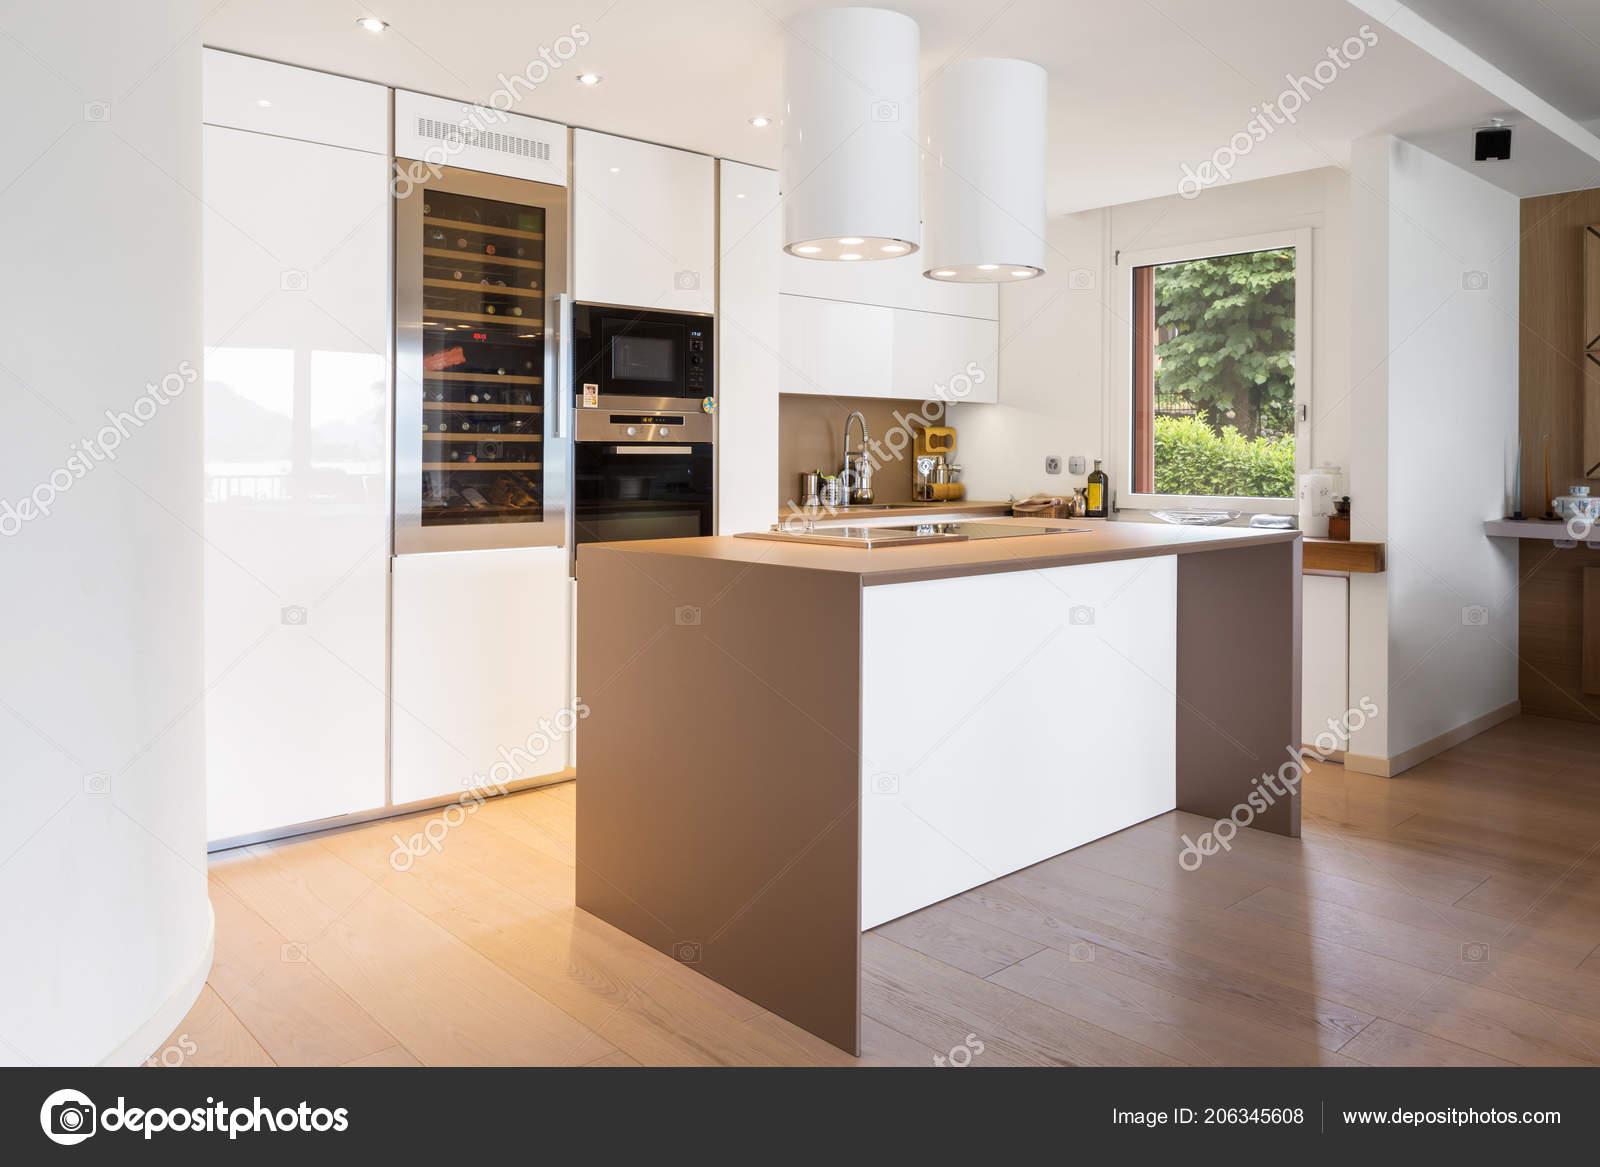 Cucina Bianca Con Isola.Cucina Con Isola Bianca Con Cappuccio Faretti Appartamento